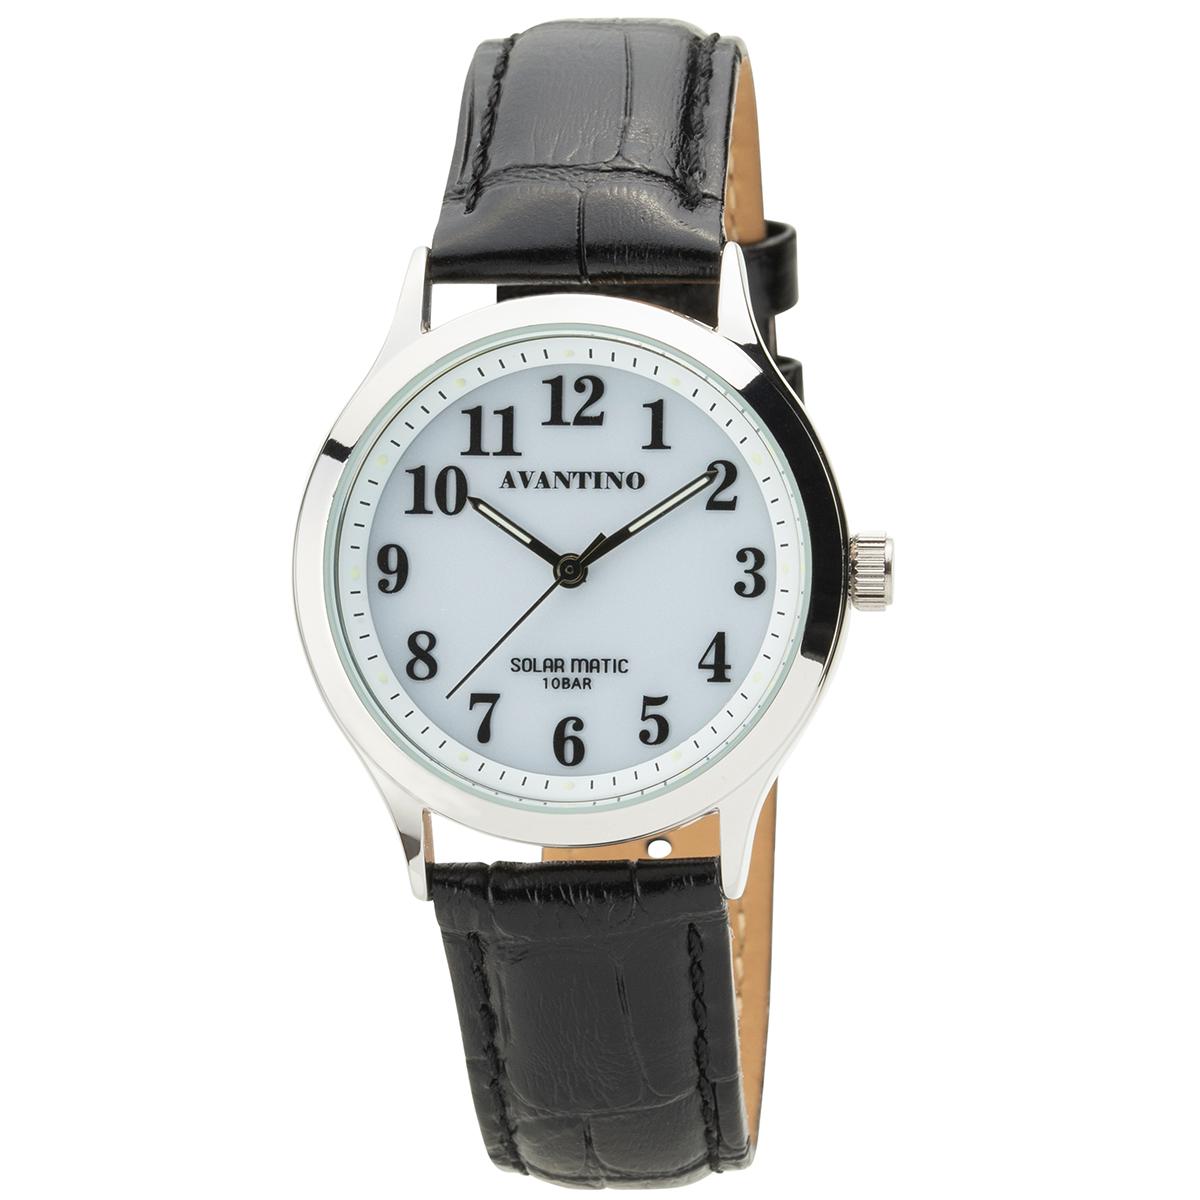 AVANTINO アヴァンティーノ 腕時計 アナログウオッチ 本革 メンズ【AV-AM171】【AV-AM171-WTS】